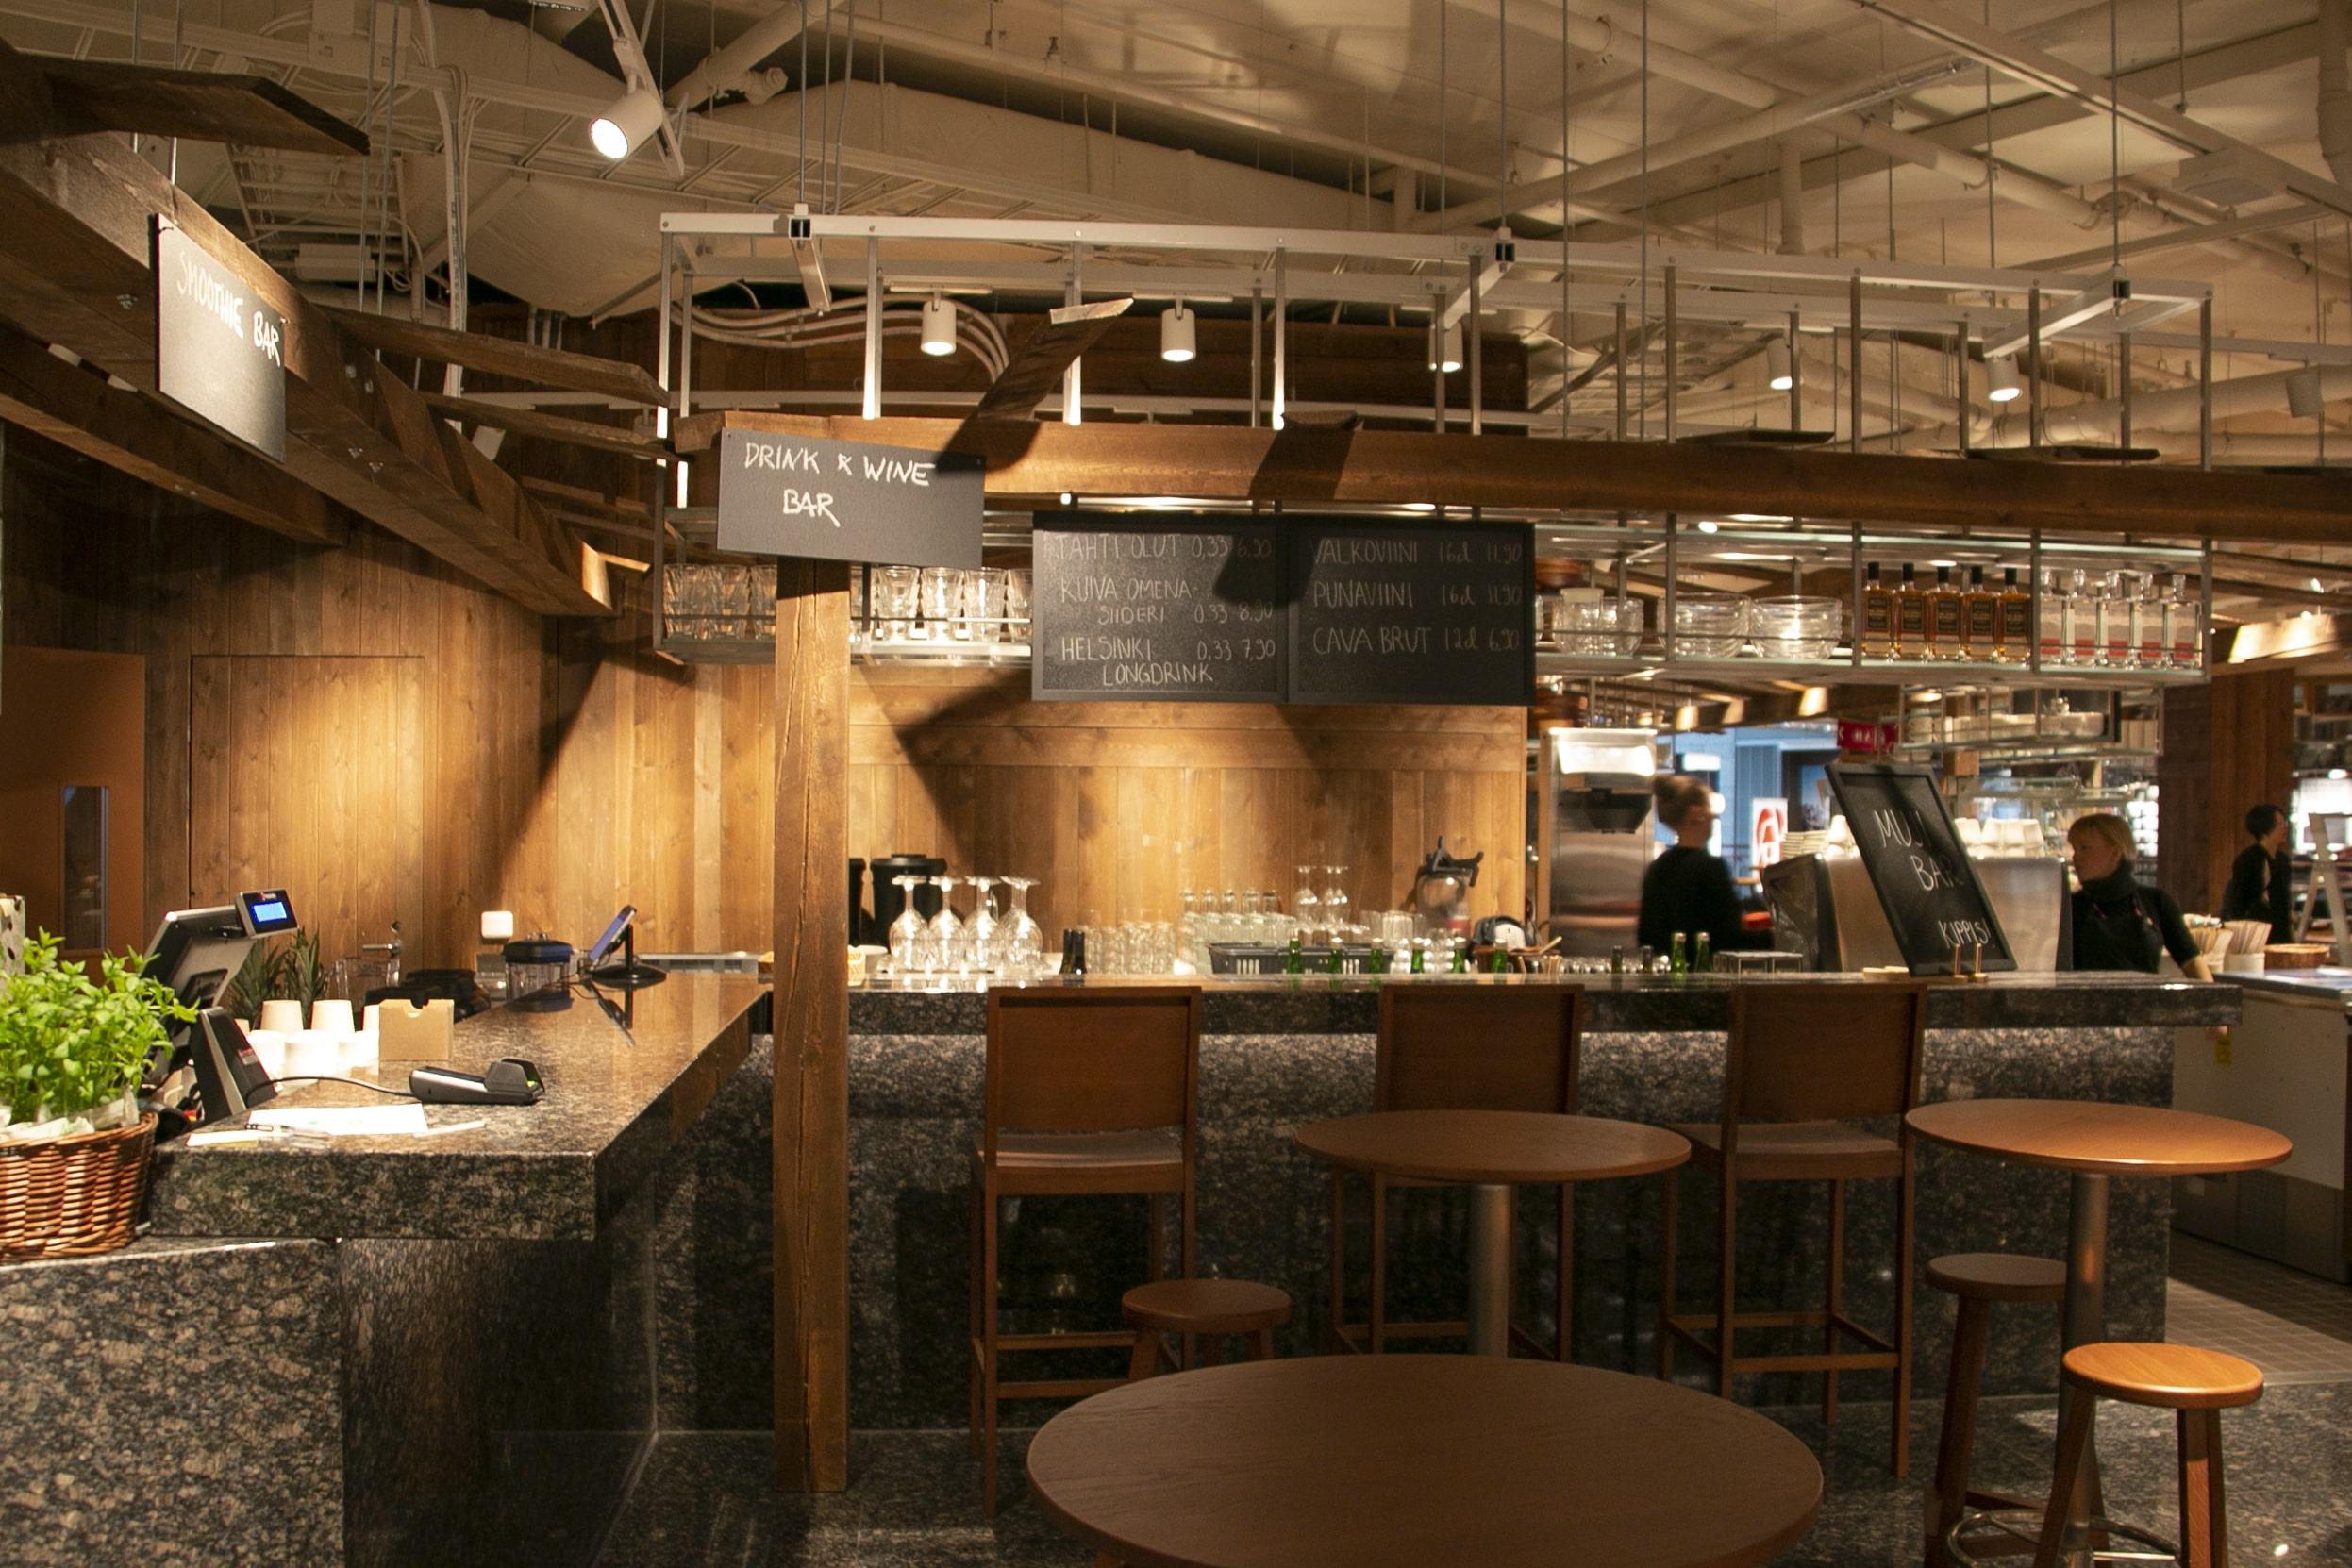 MUJI avasi ravintola-kahvilakonseptin ja lähiruokakaupan uuteen Helsingin lippulaivamyymälään ensimmäisenä maailmassa